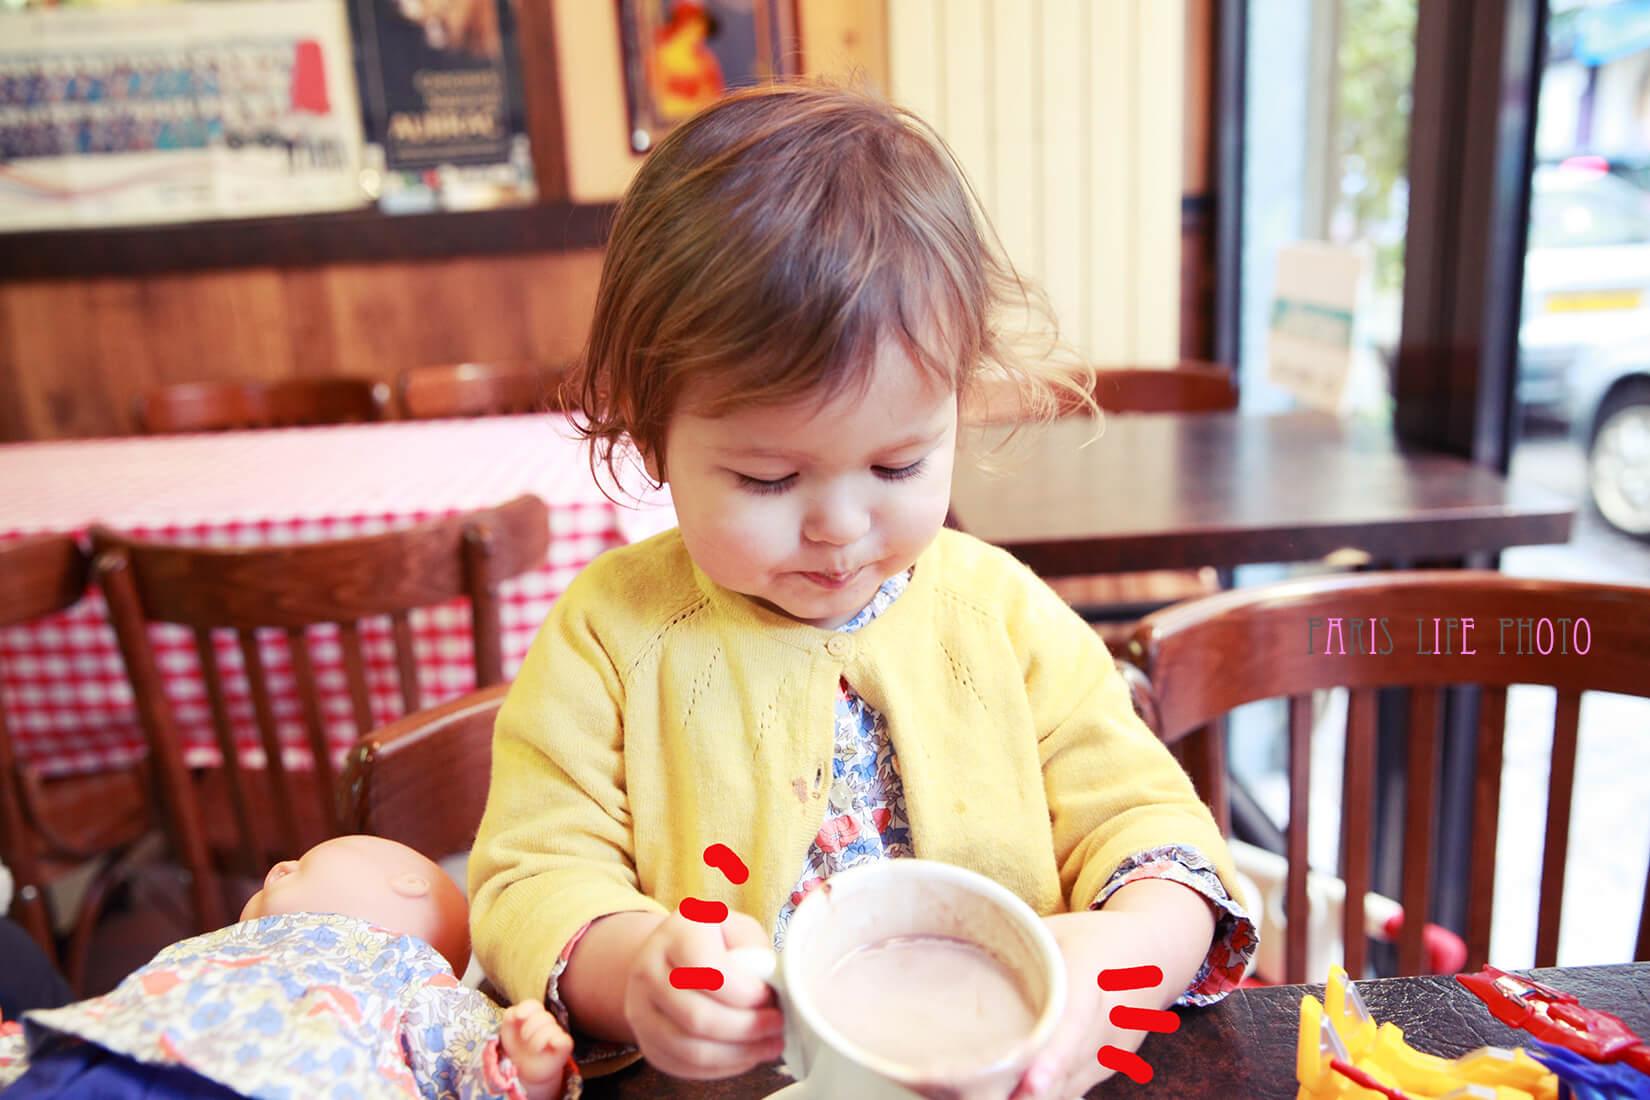 パリのカフェでの子供フォト